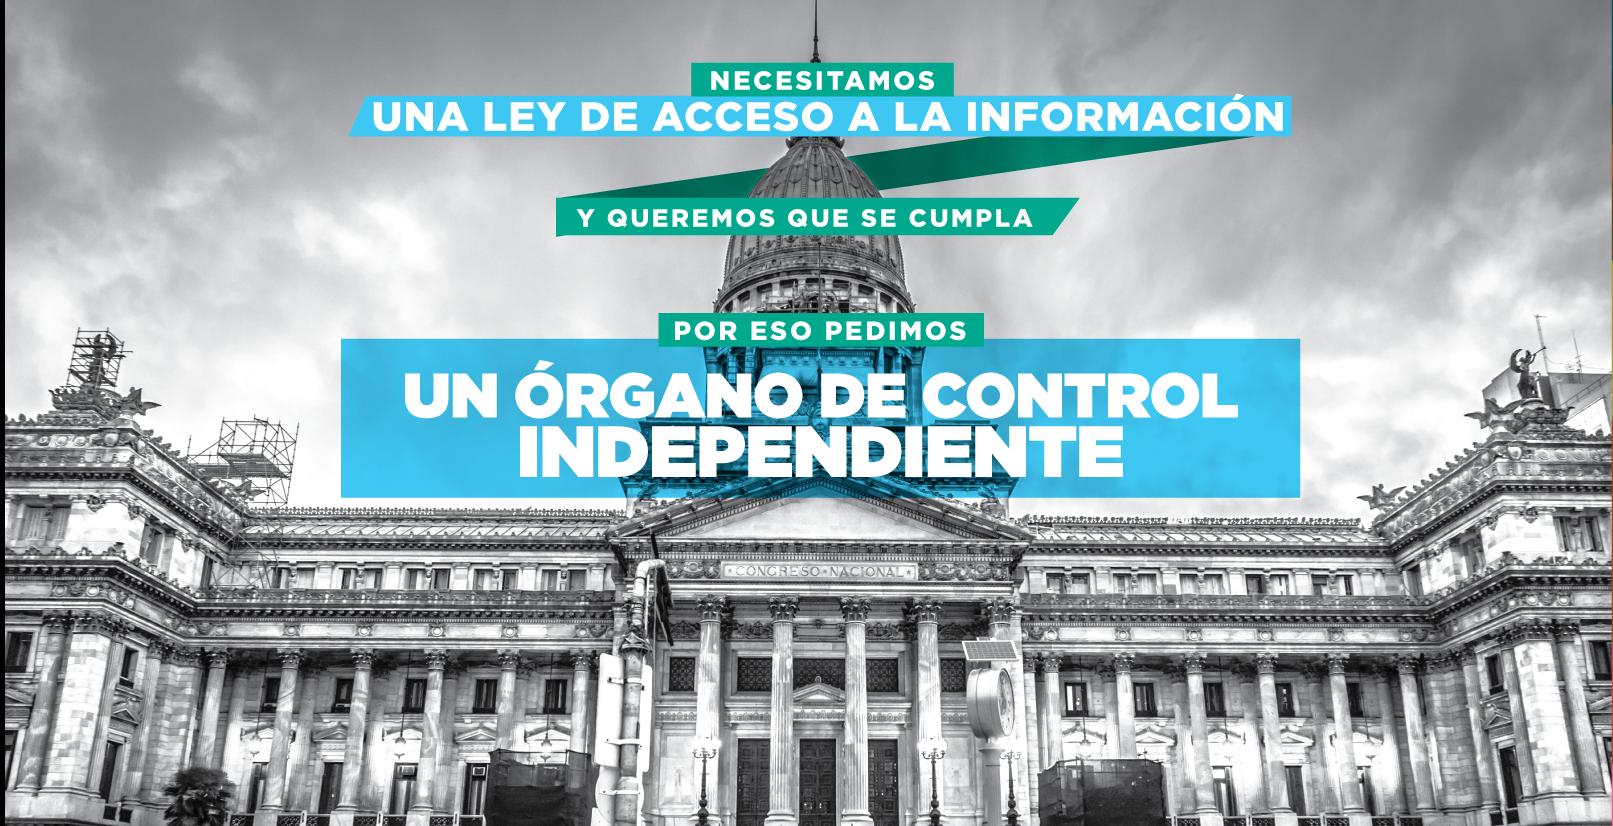 El órgano de control de la Ley de Acceso a la Información debe ser independiente